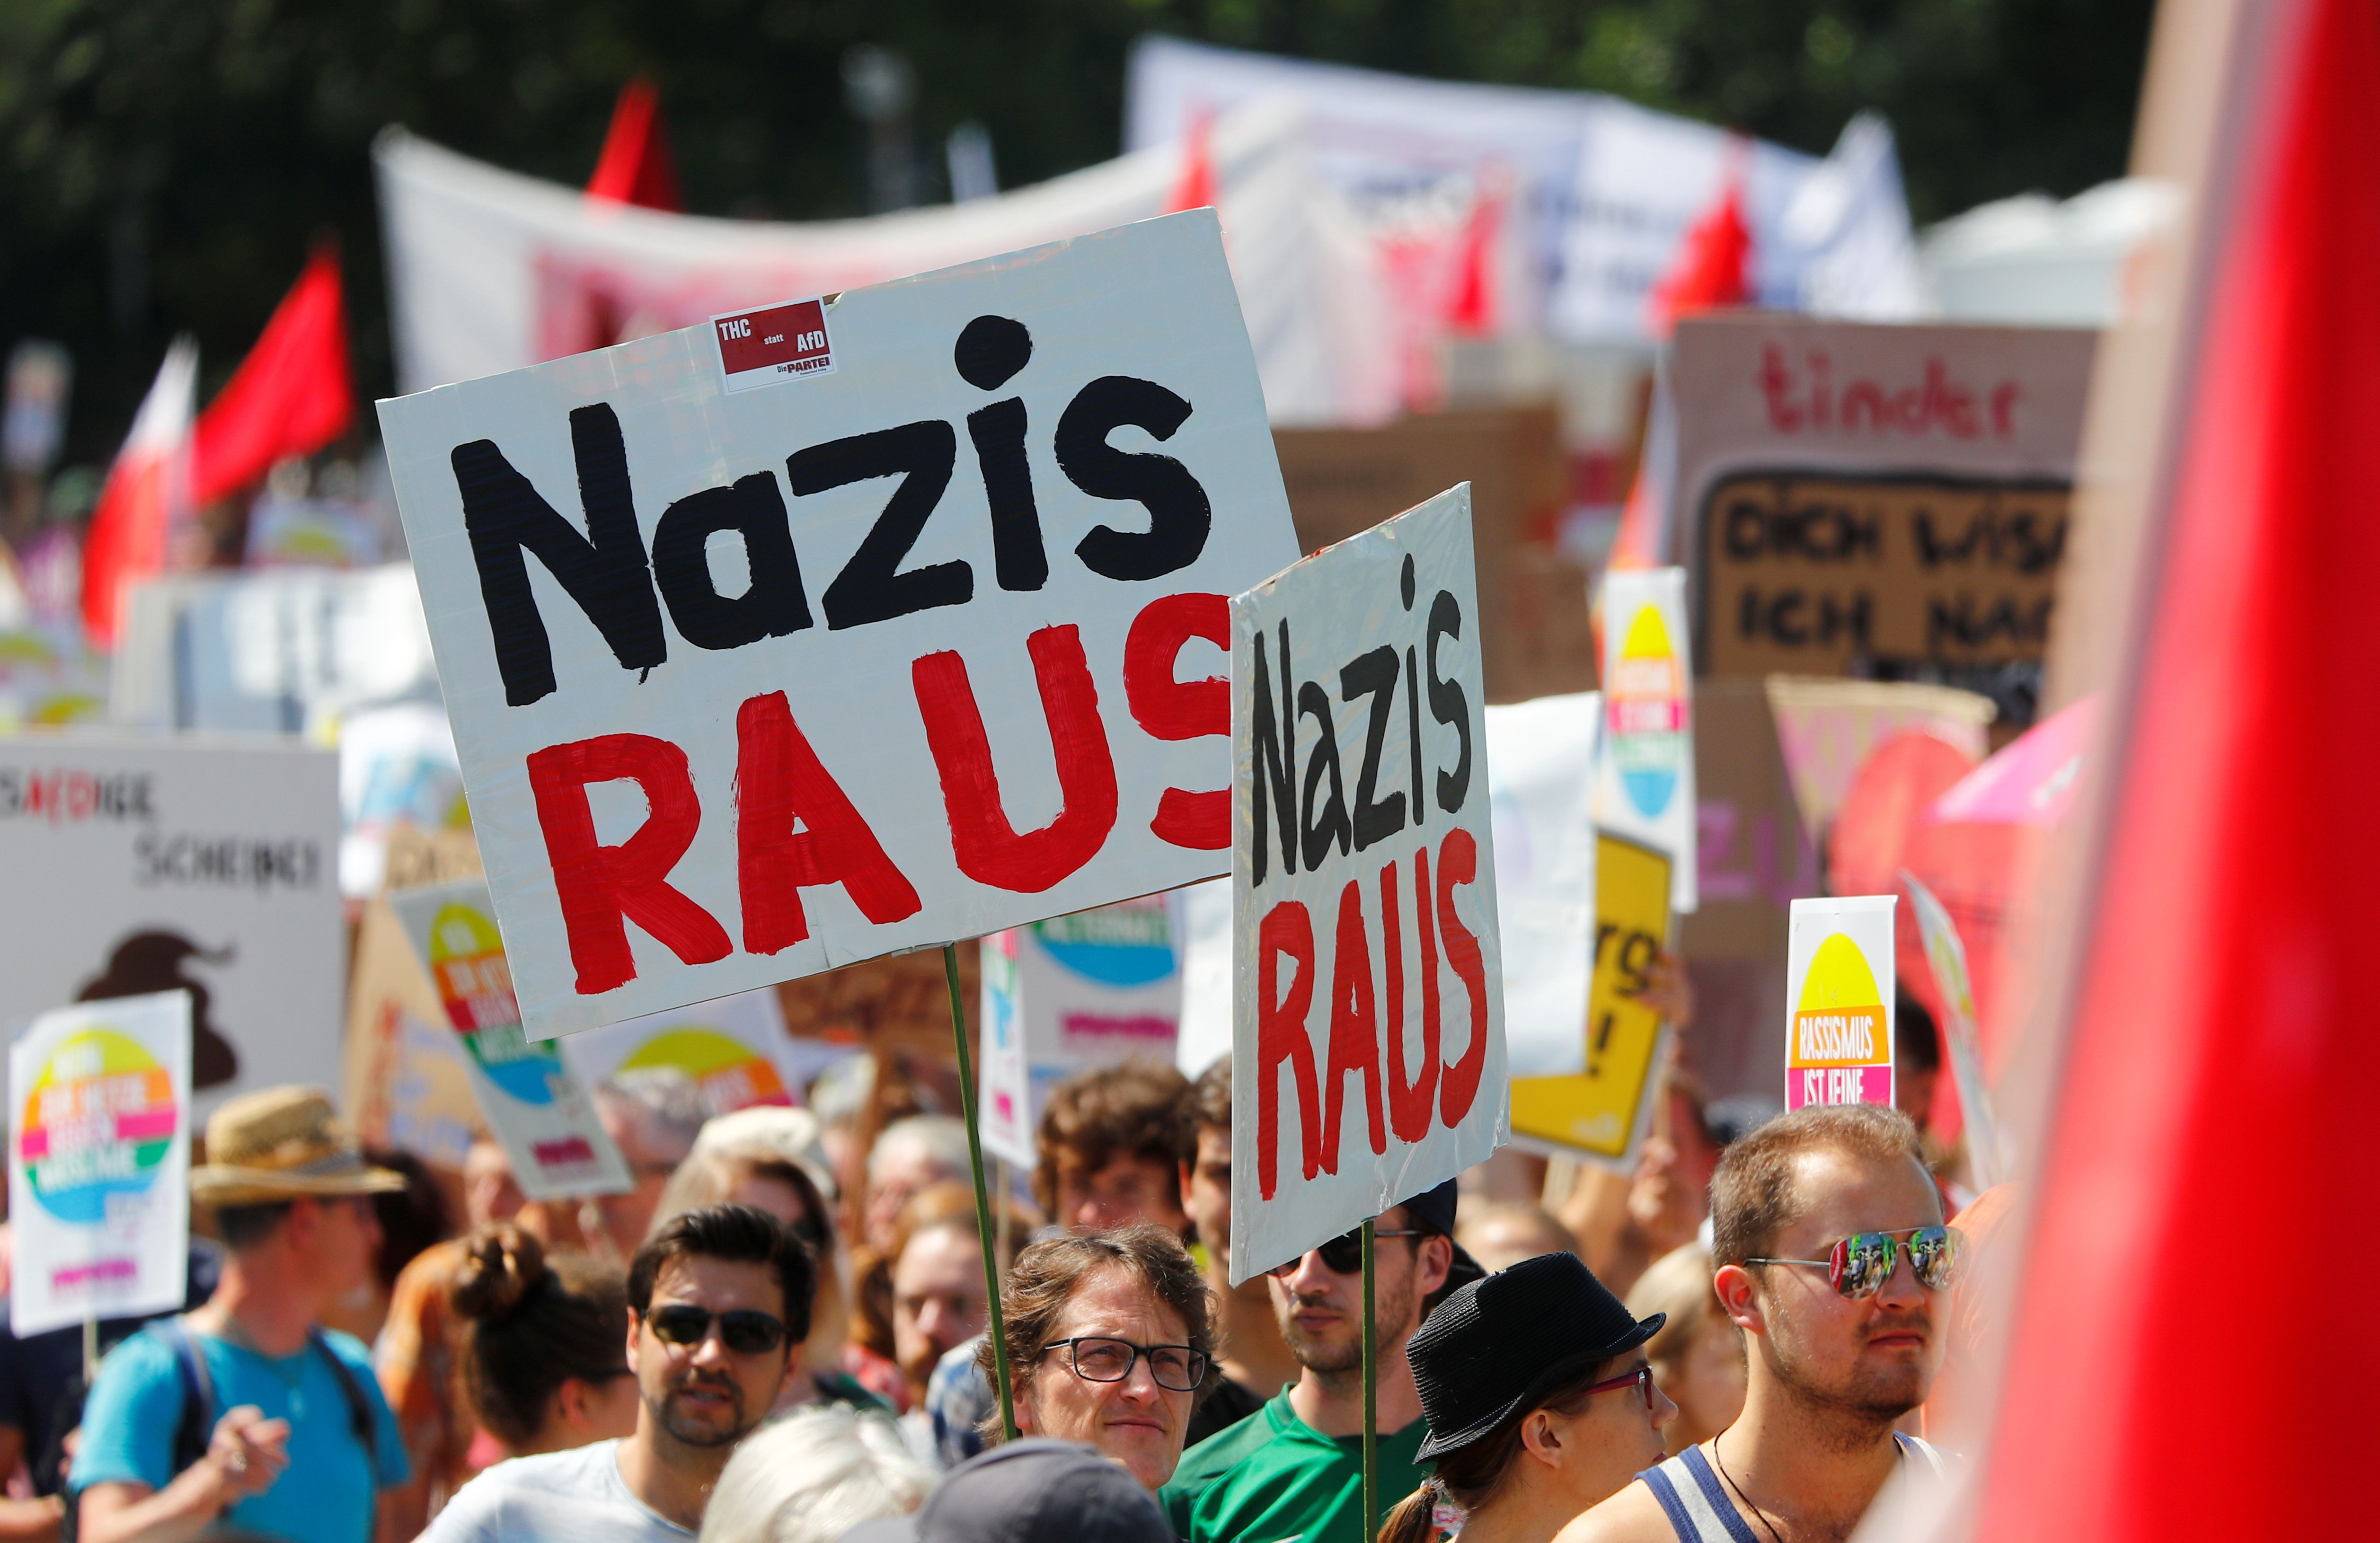 Δεύτερο κόμμα στη Γερμανία με 17,5% το εθνικιστικό-ξενοφοβικό AfD.Τι δείχνει η τελευταία